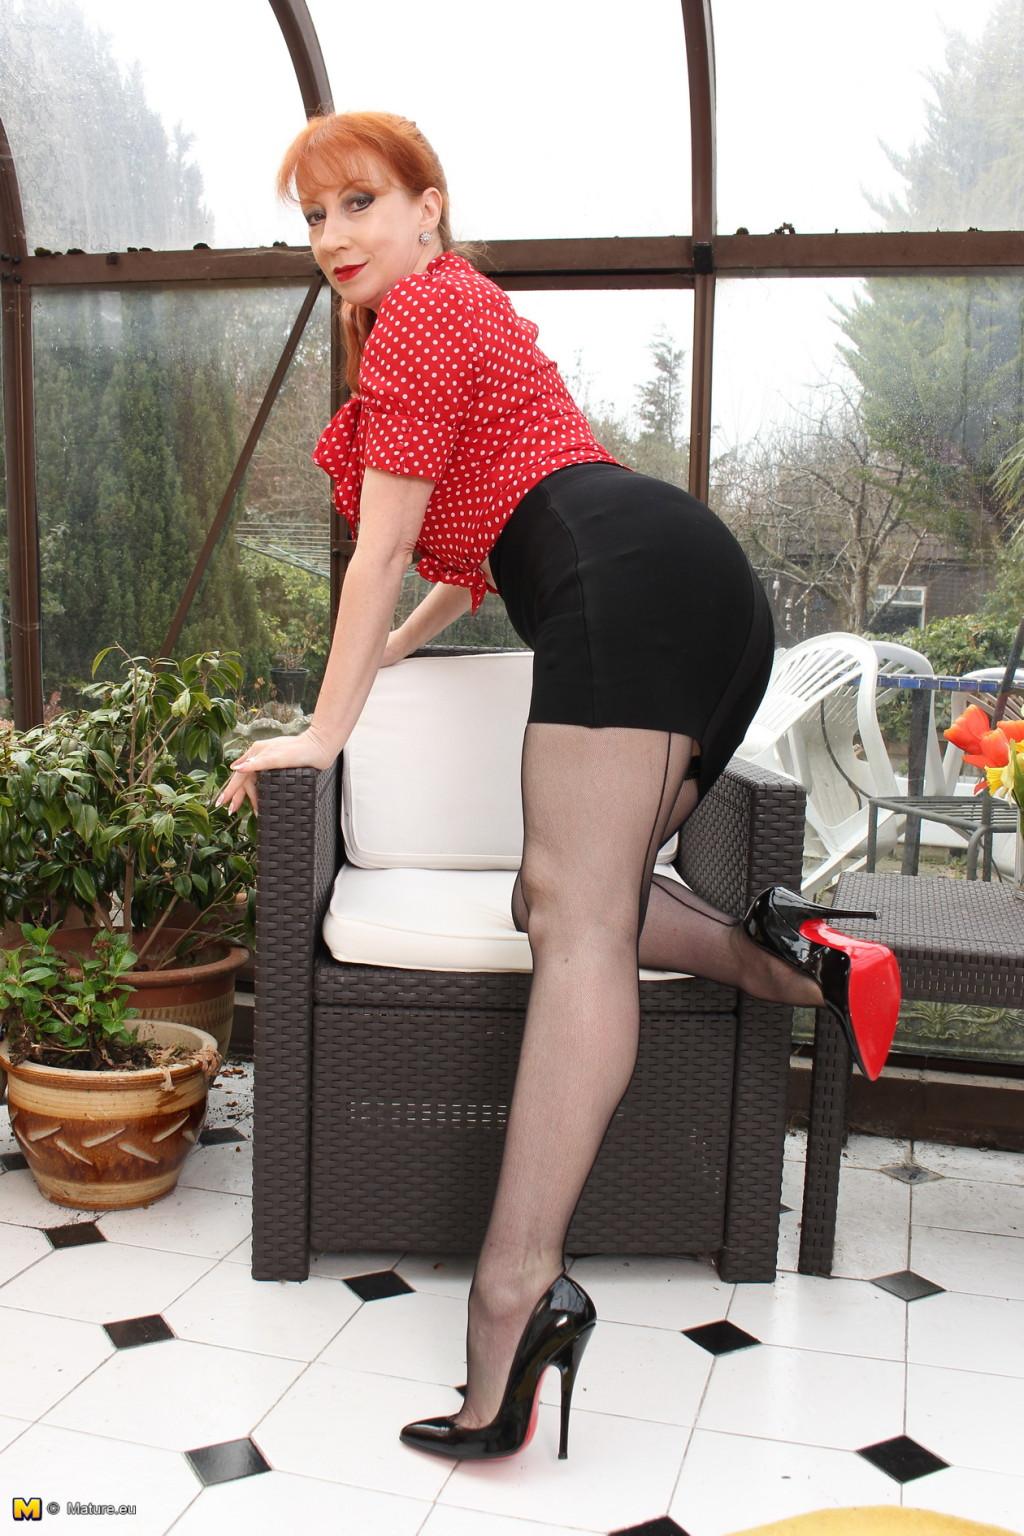 Рыжая домохозяйка из Британии не прочь немножко пошалить